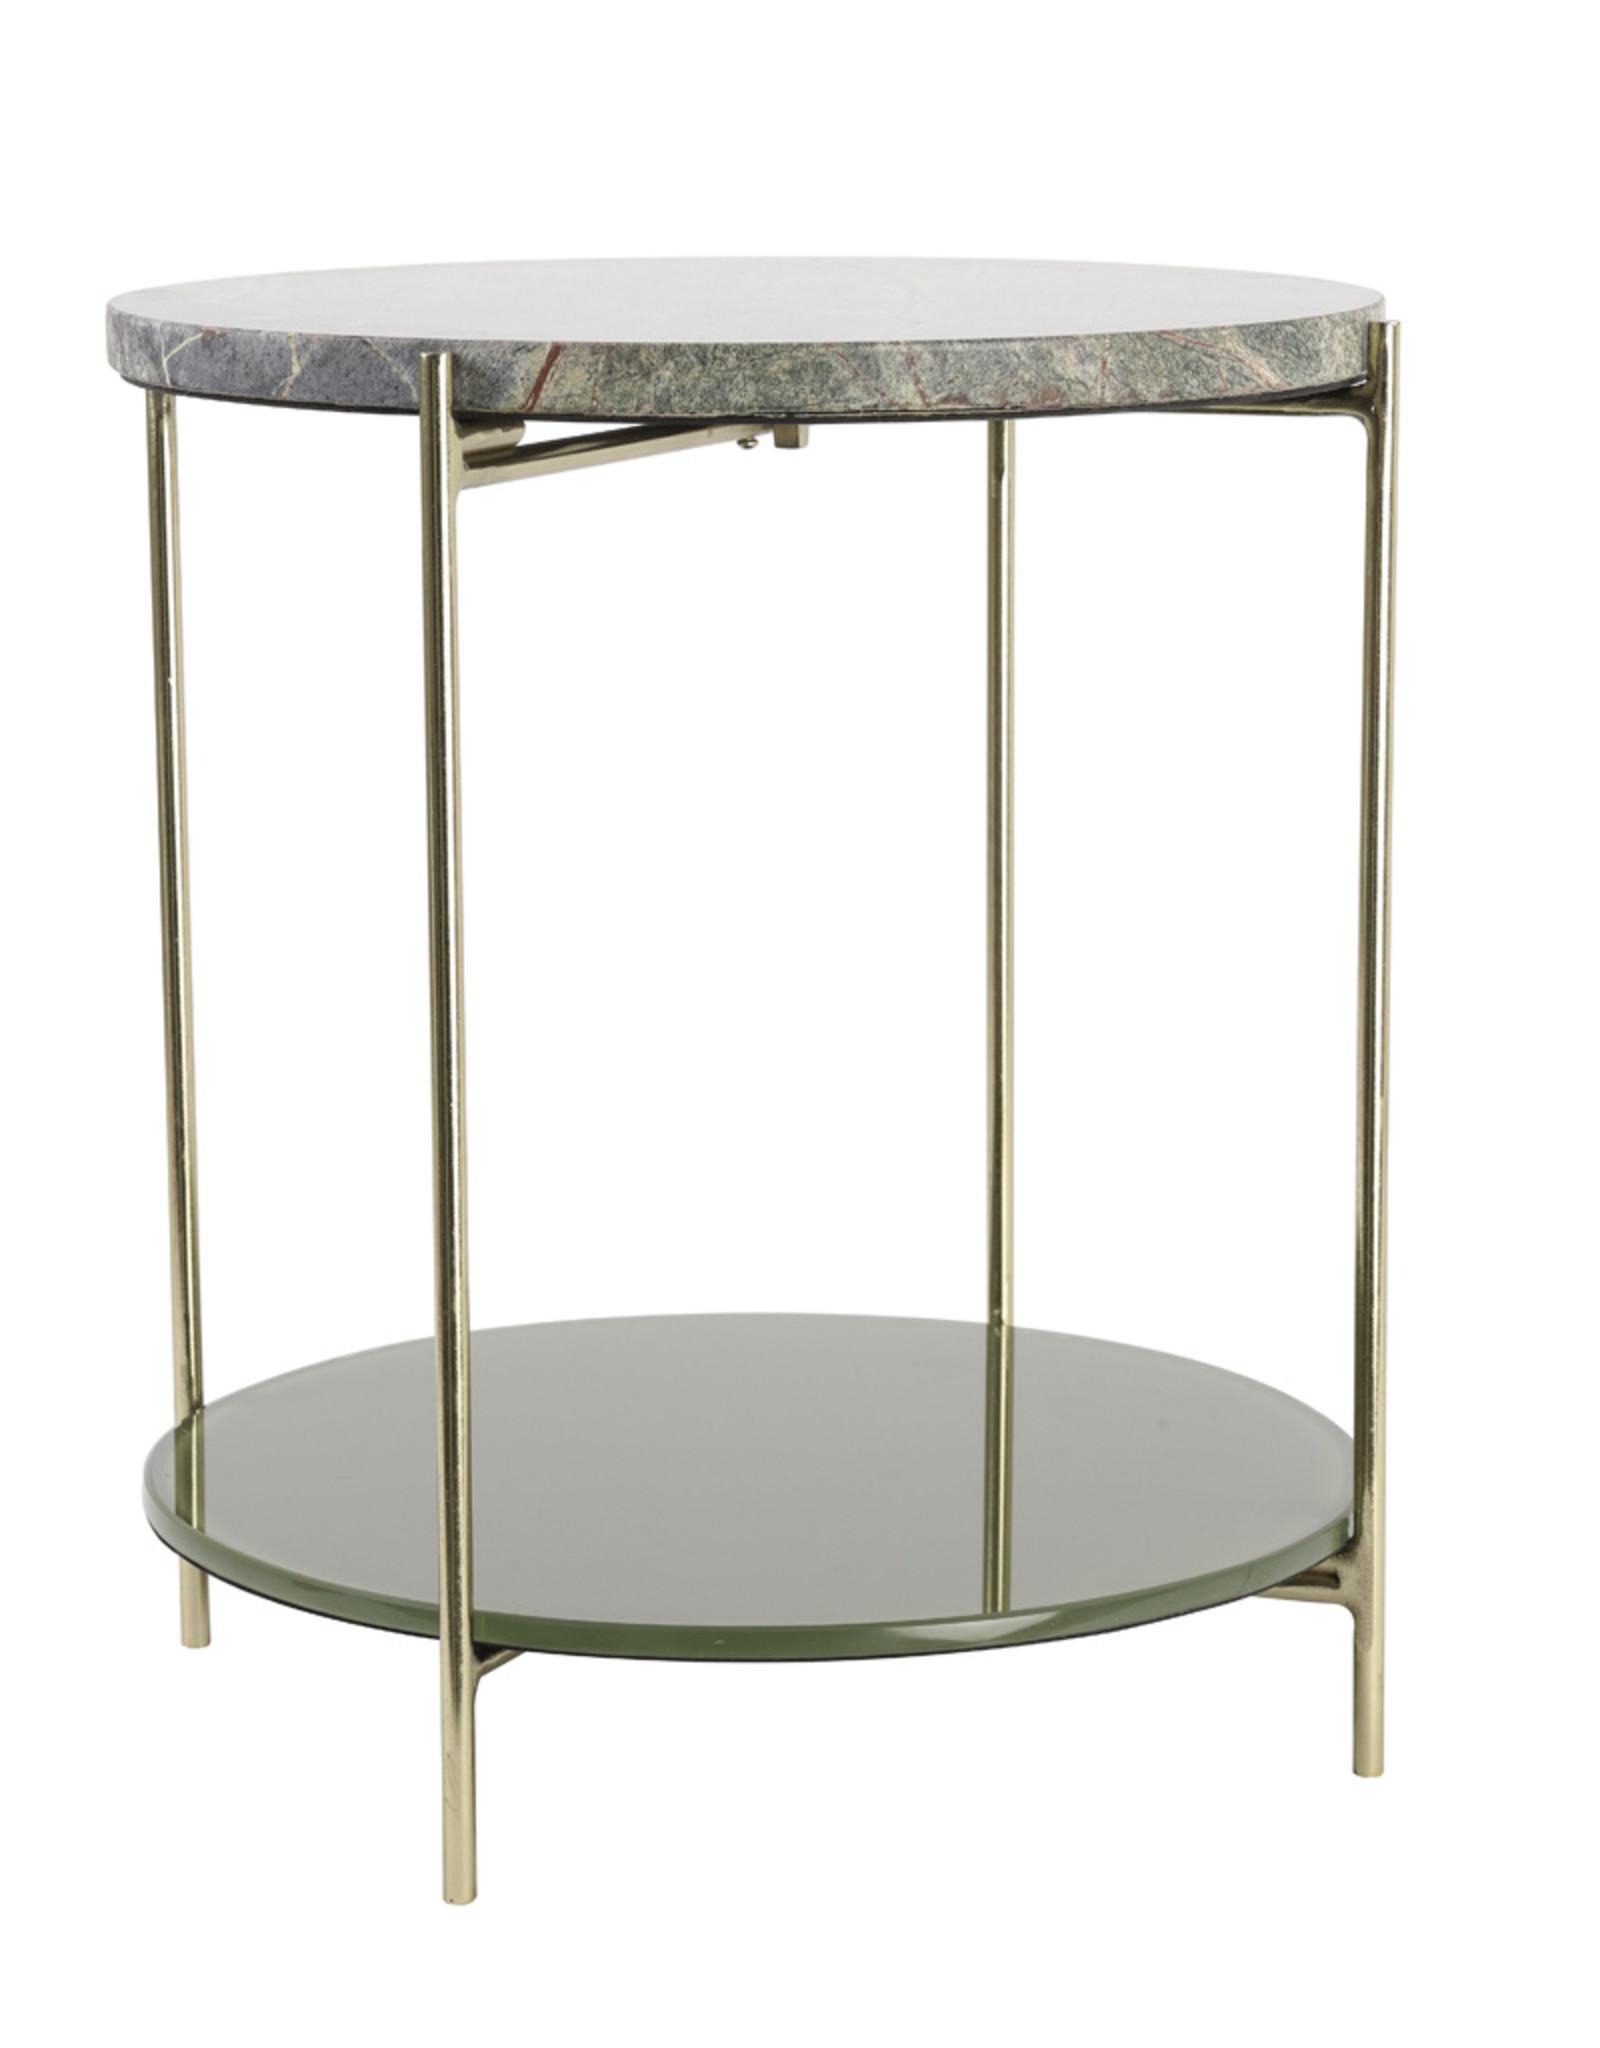 Light & Living Side Table 103x37x80cm Besut Marmer